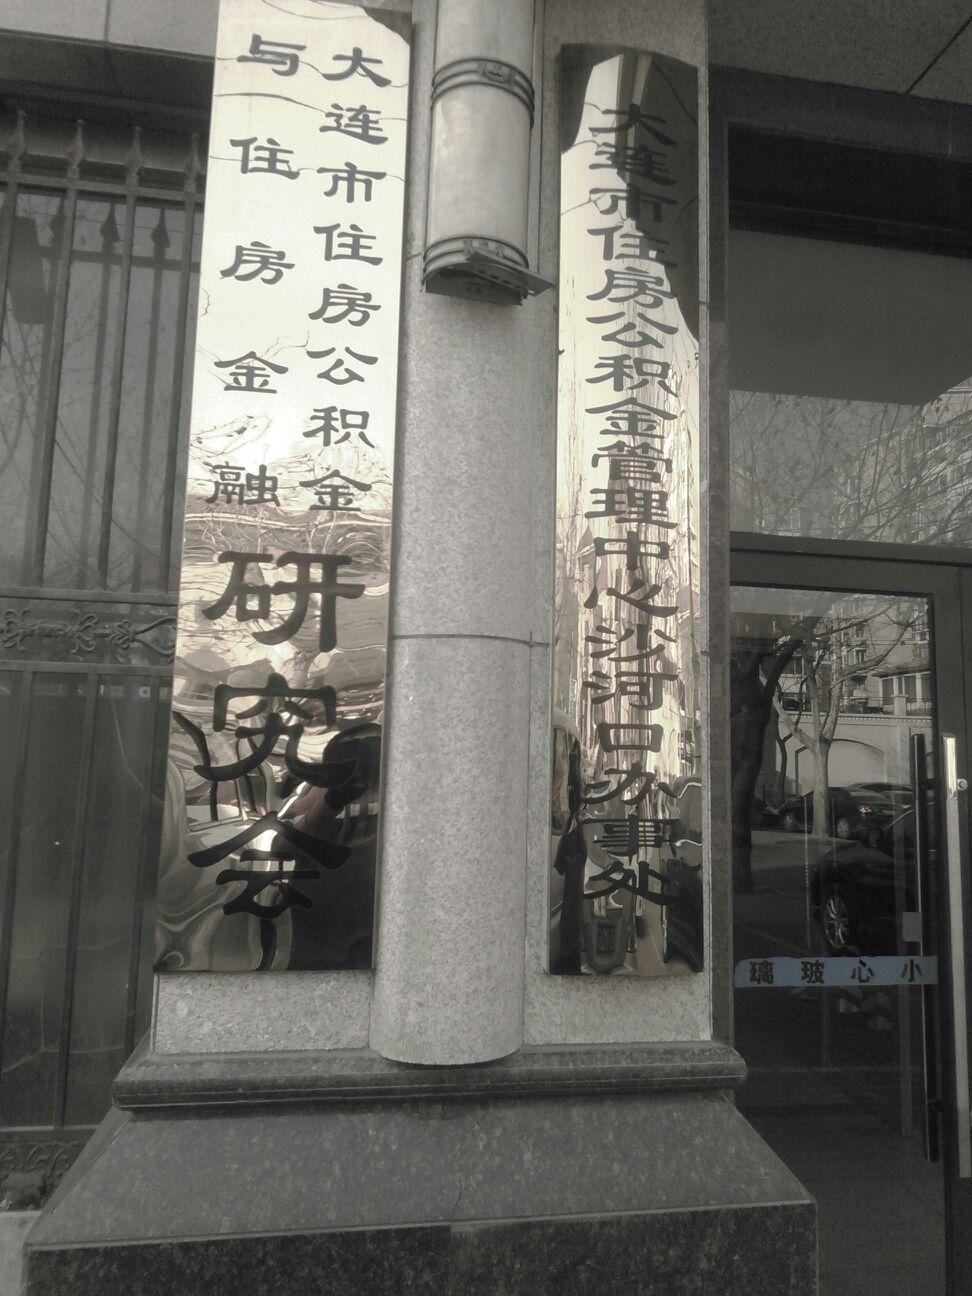 大连市住房公积金管理中心